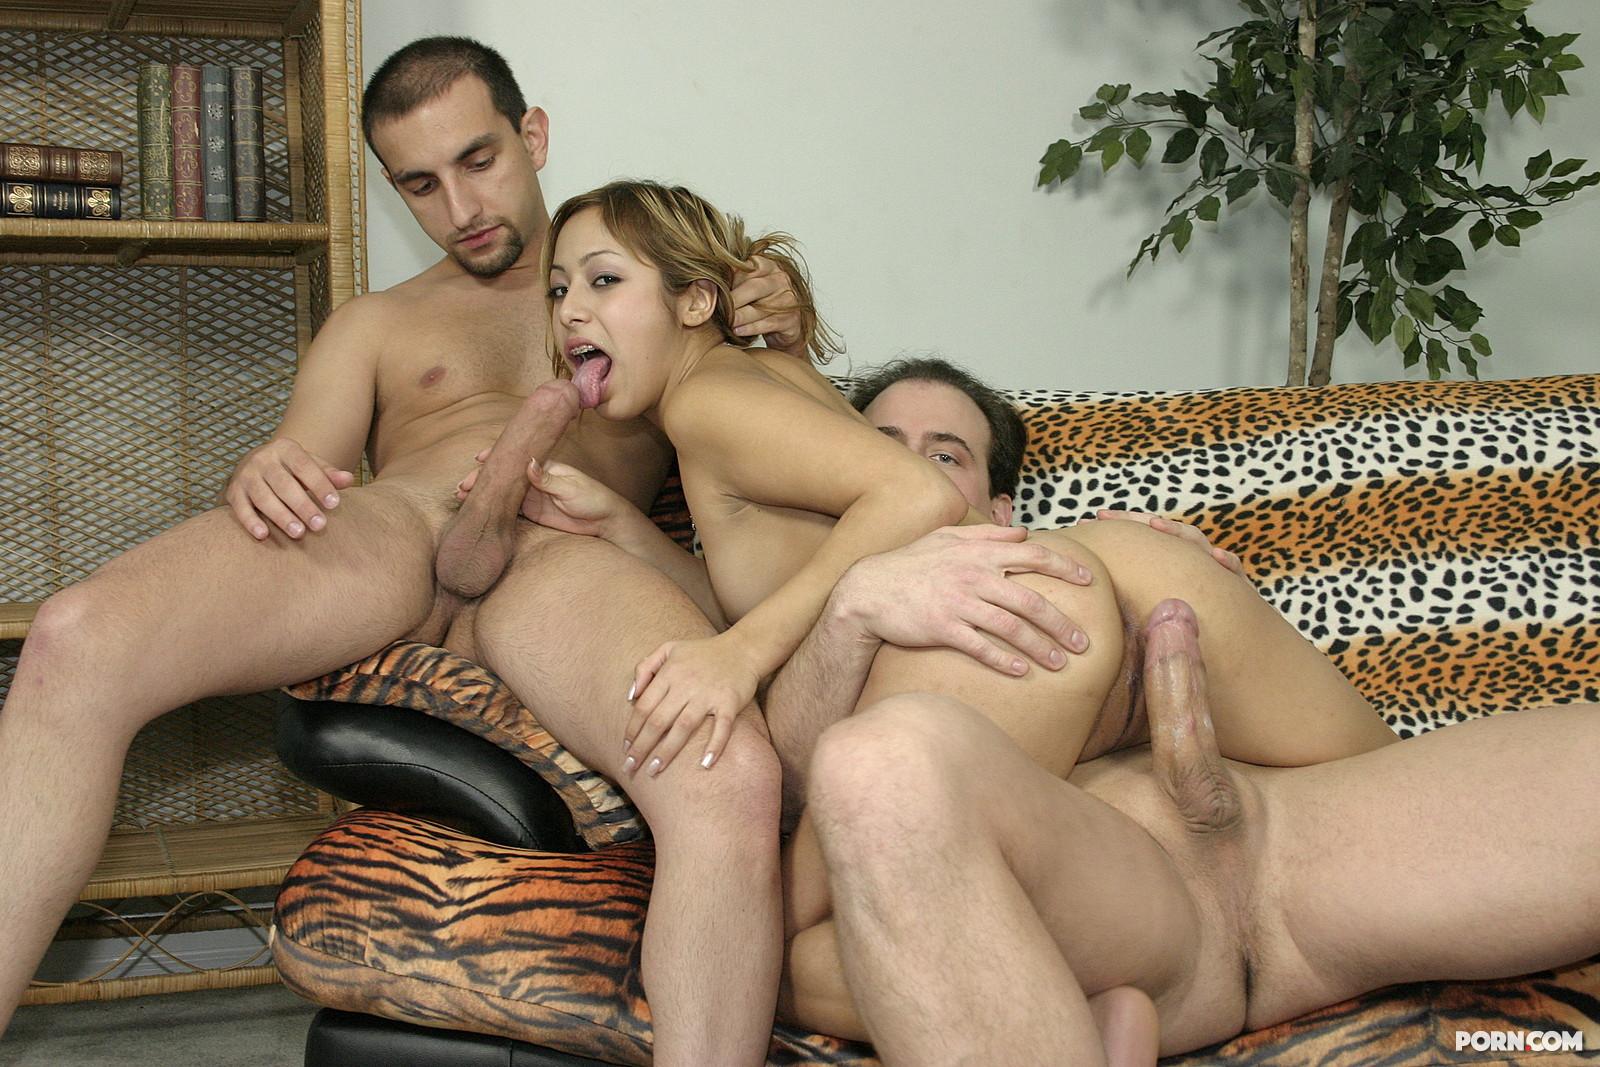 Порно двойное впервые — photo 4